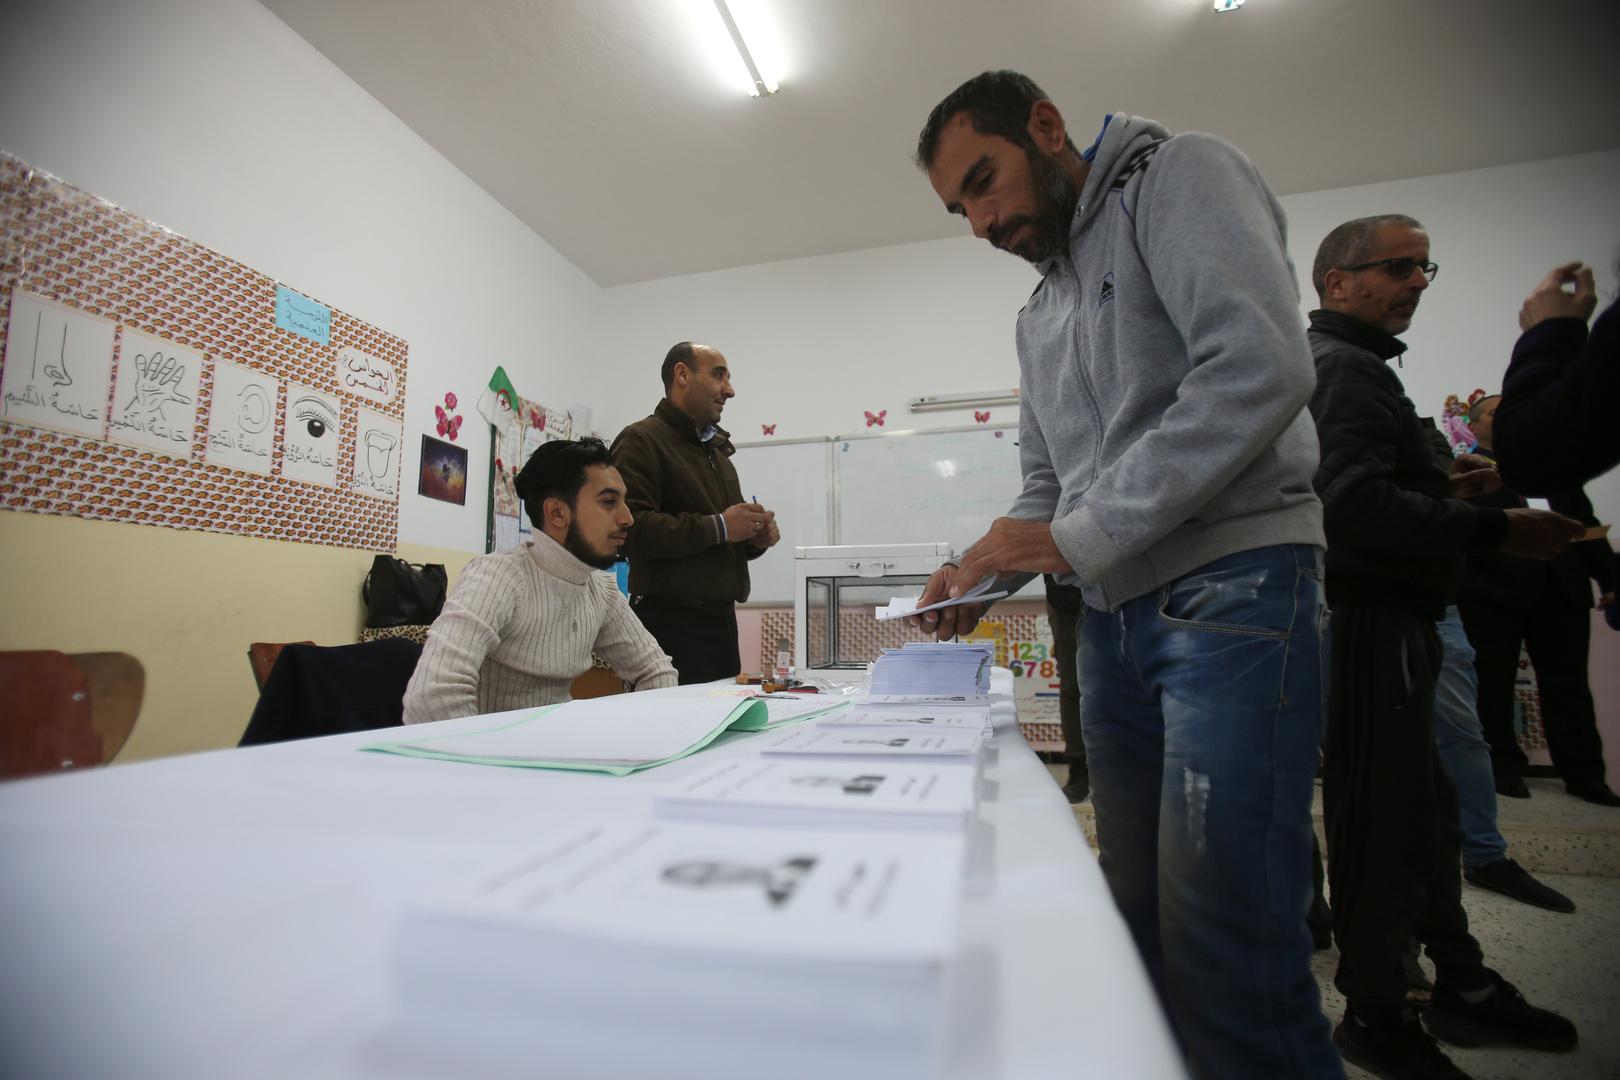 تقديرات أولية غير رسمية: تبون يحصل على 64 % من الأصوات في انتخابات االرئاسة الجزائرية